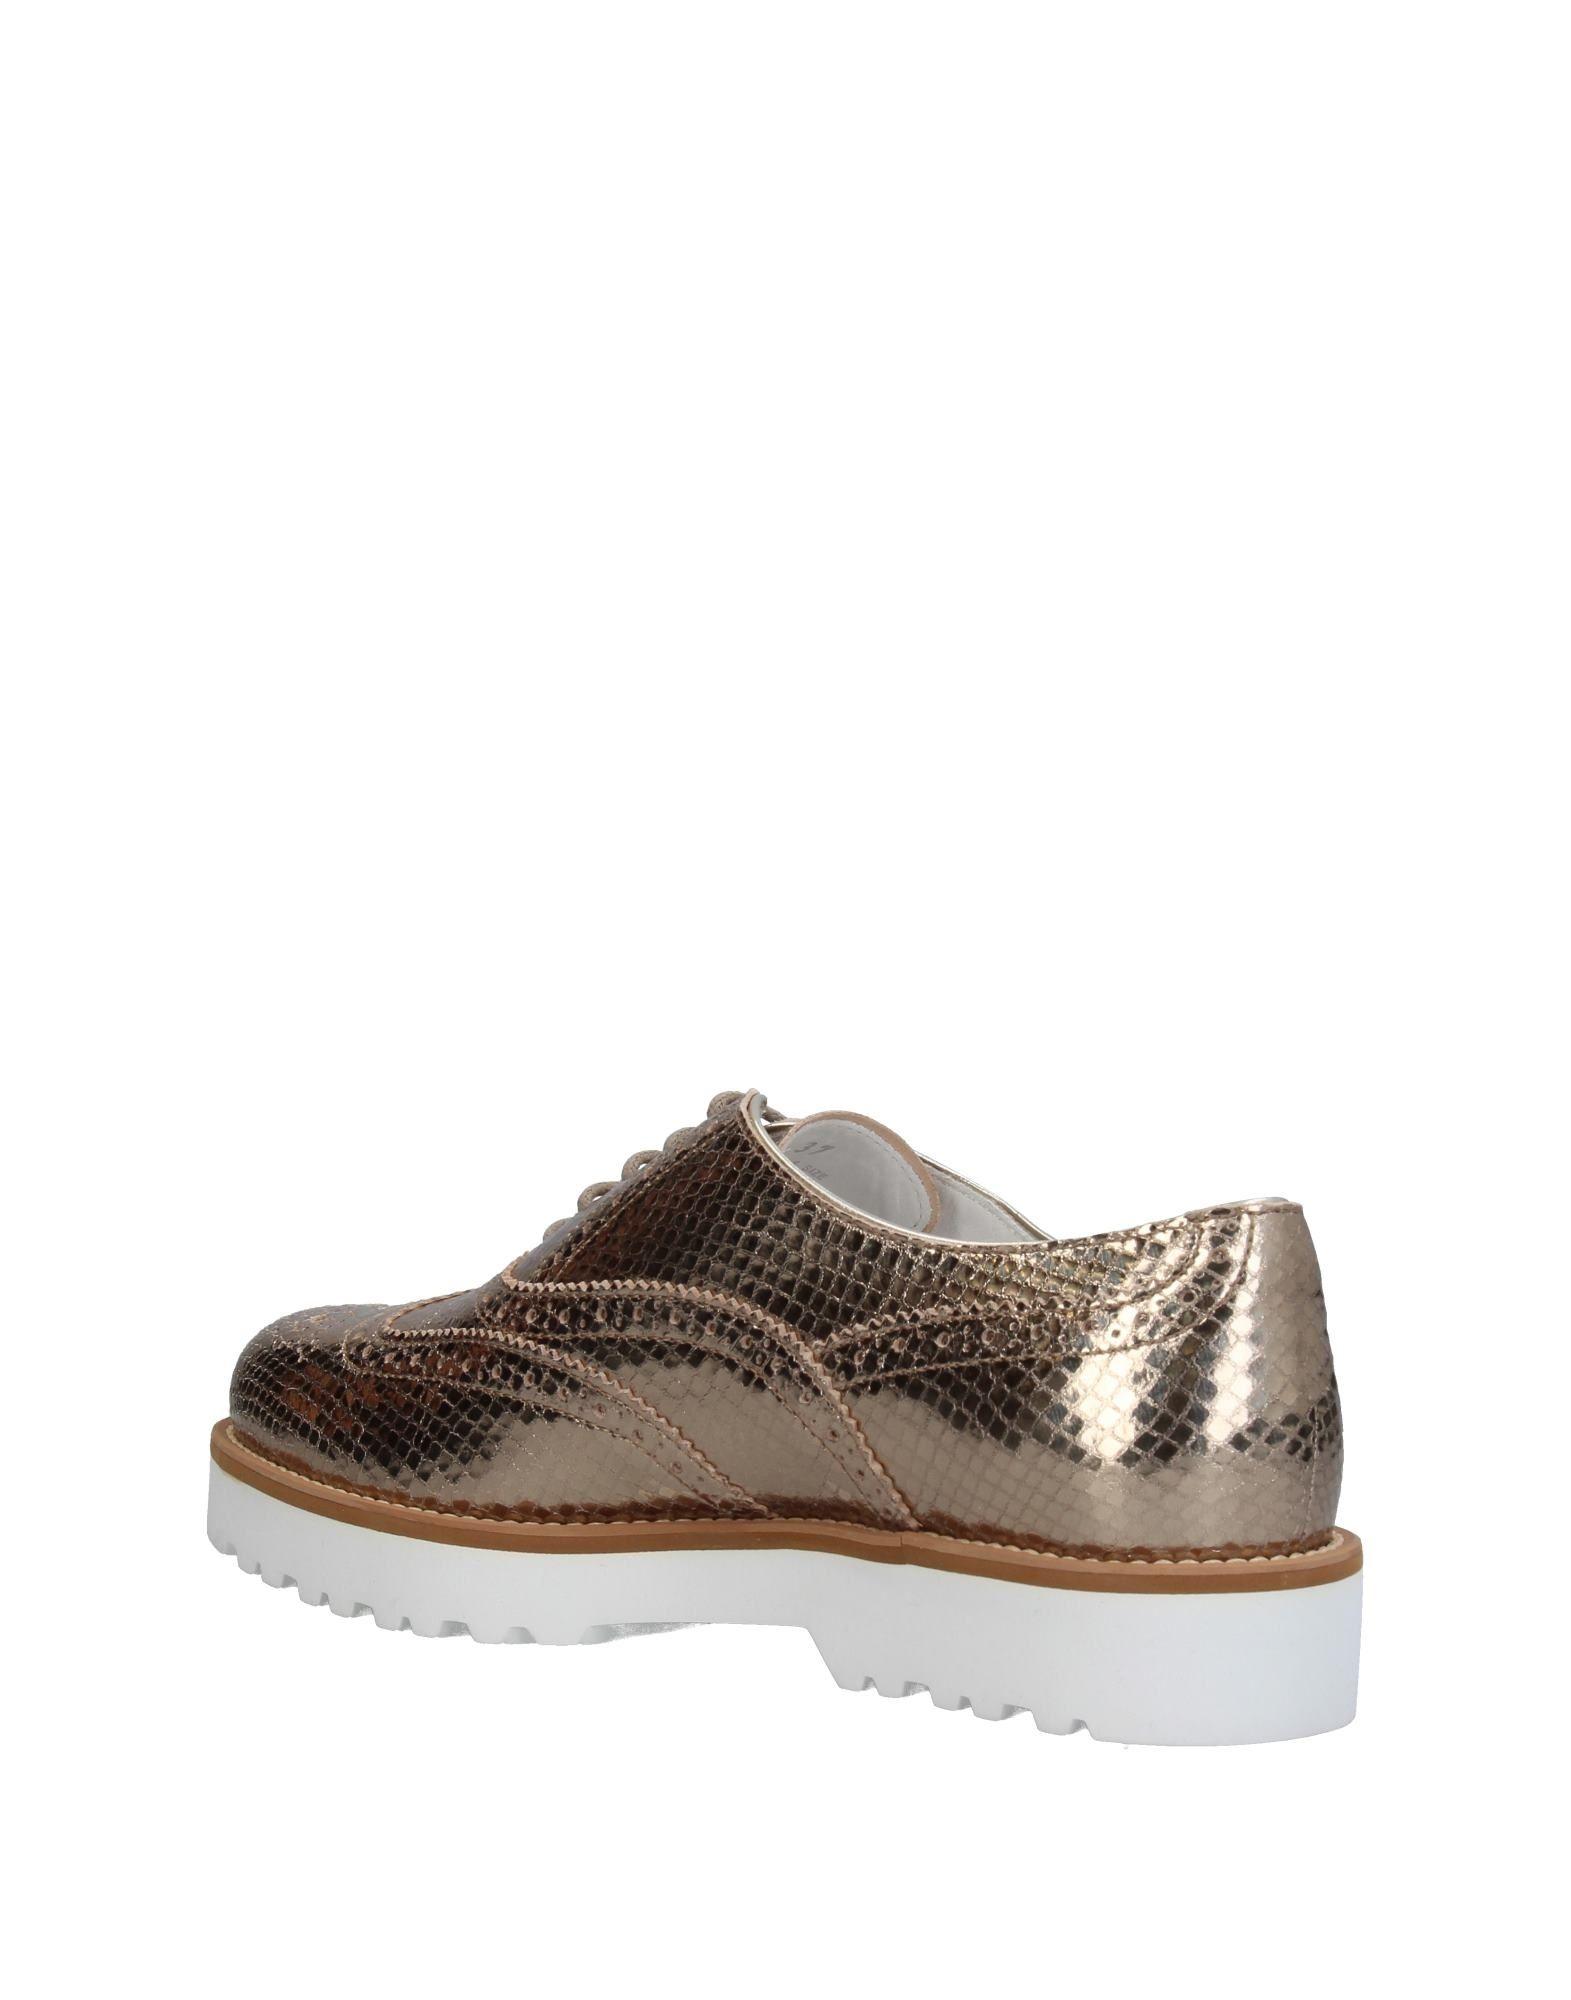 Hogan Schnürschuhe Damen  11392209GDGut aussehende strapazierfähige Schuhe